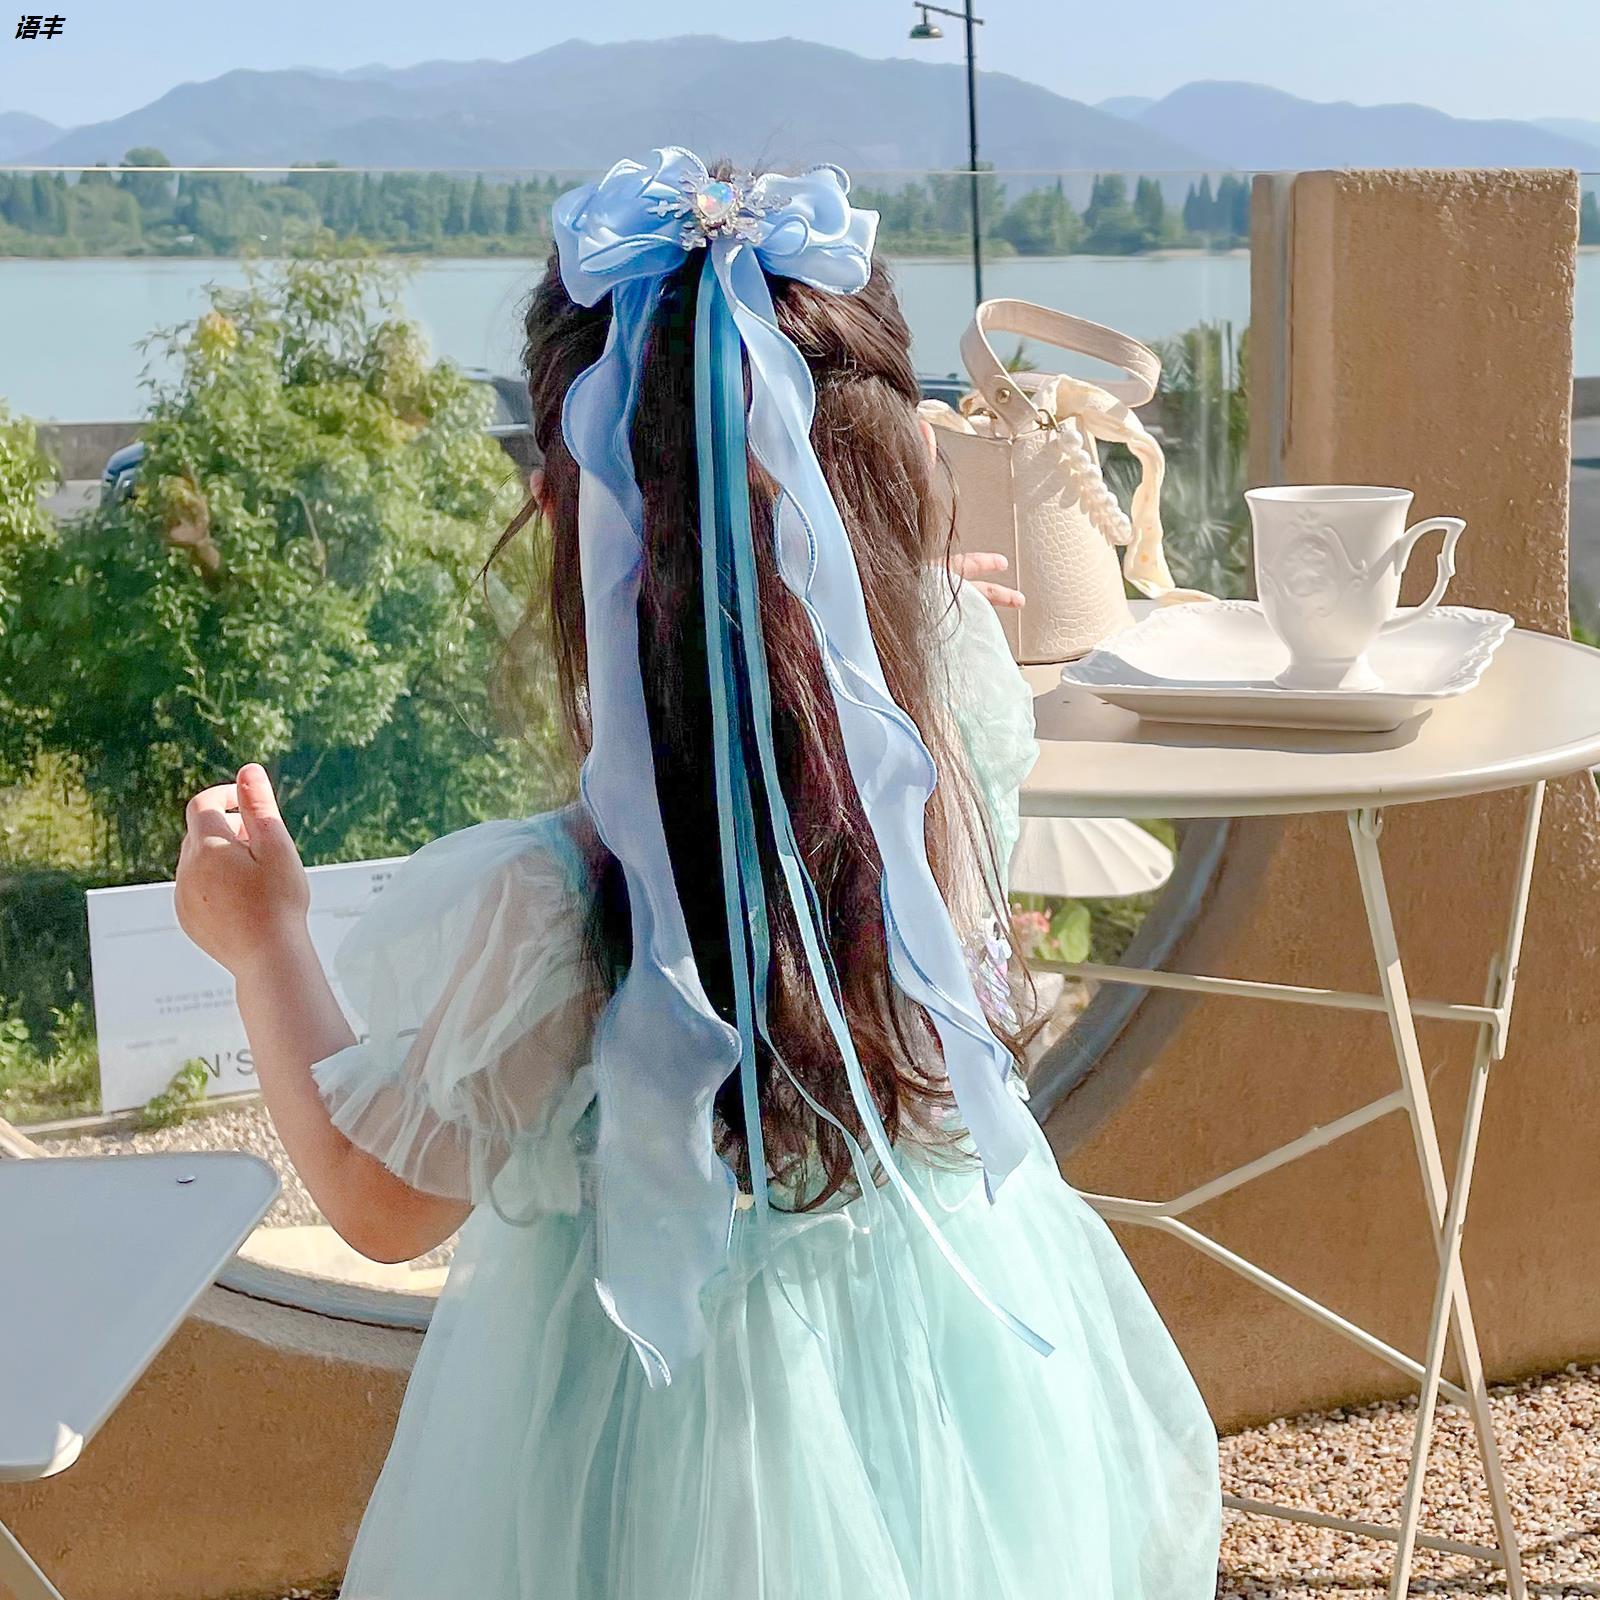 女童蝴蝶结发夹头饰儿童发带女绑发编发爱莎网纱冰雪奇缘发卡发饰